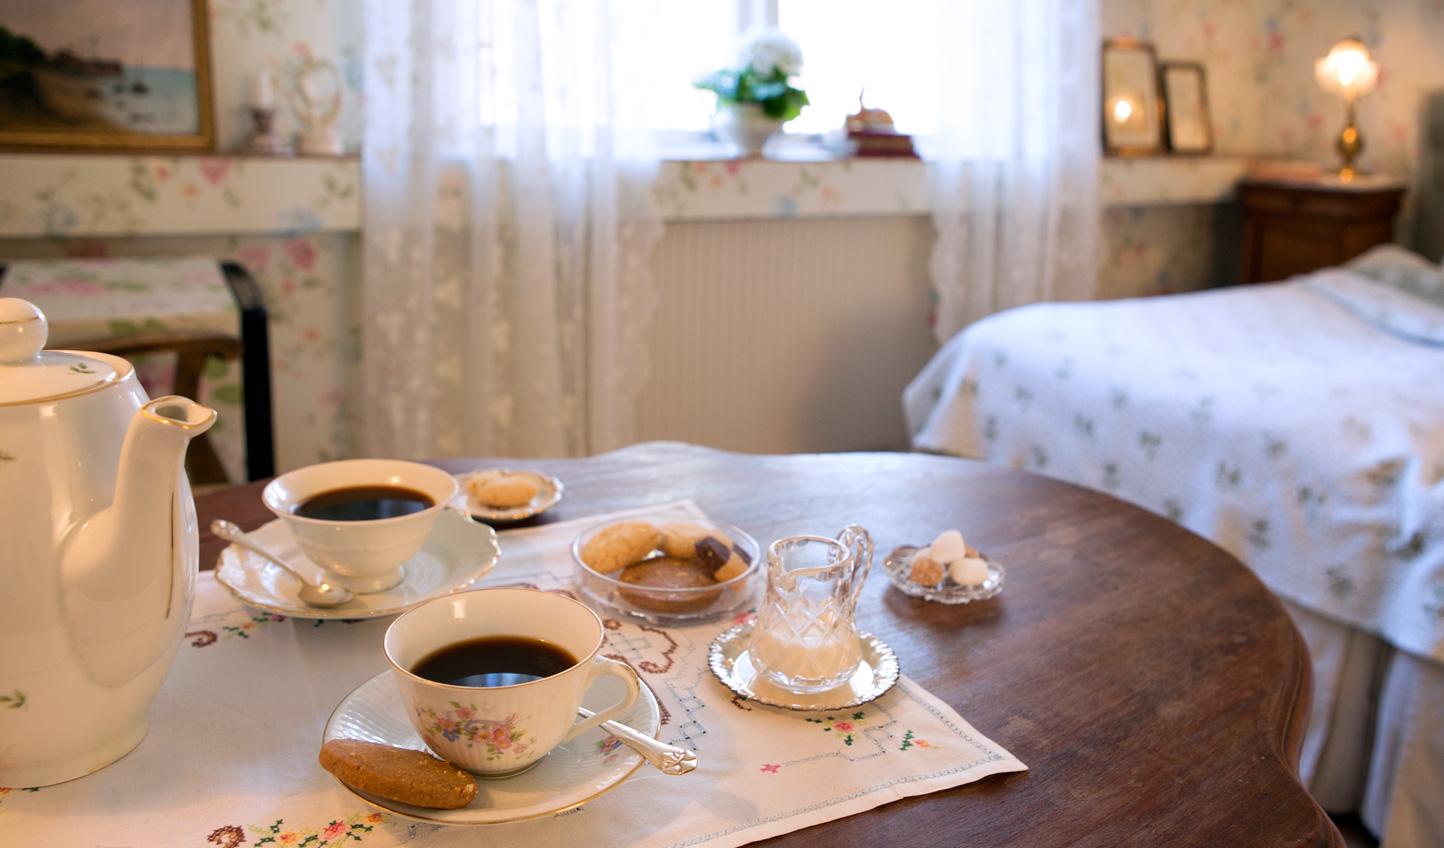 A spot of tea anyone?